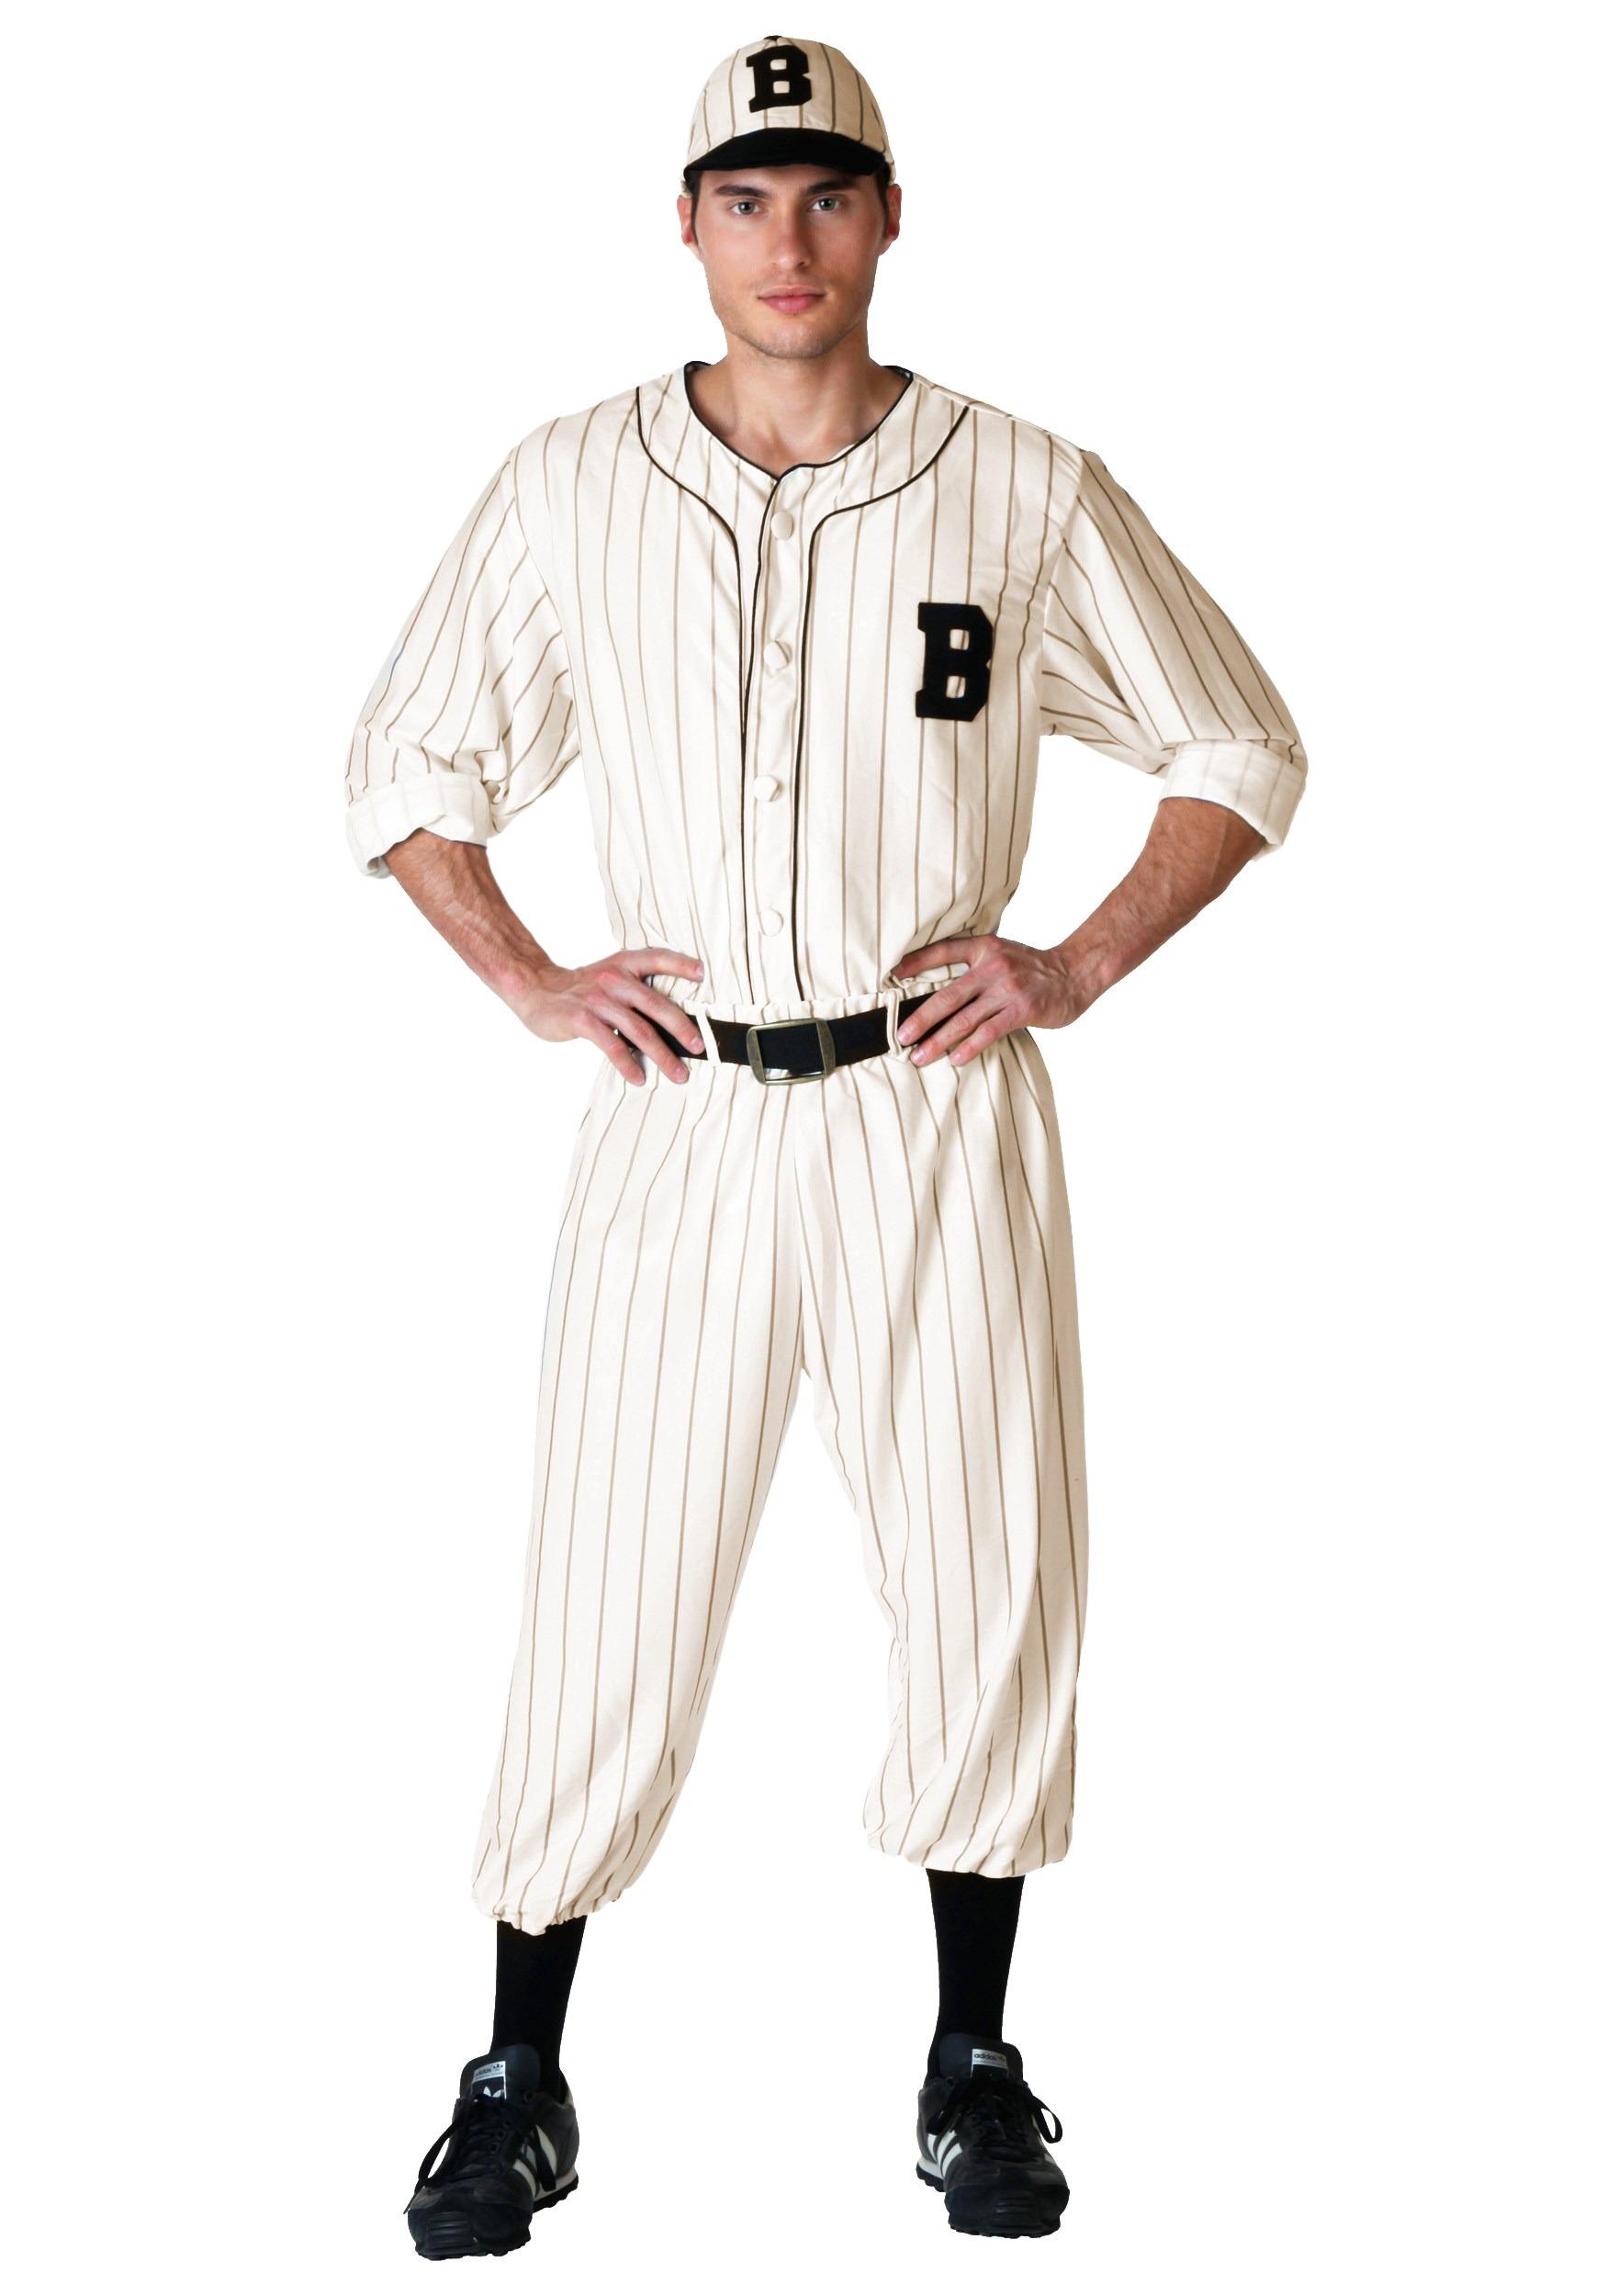 Vintage Baseball Players 31